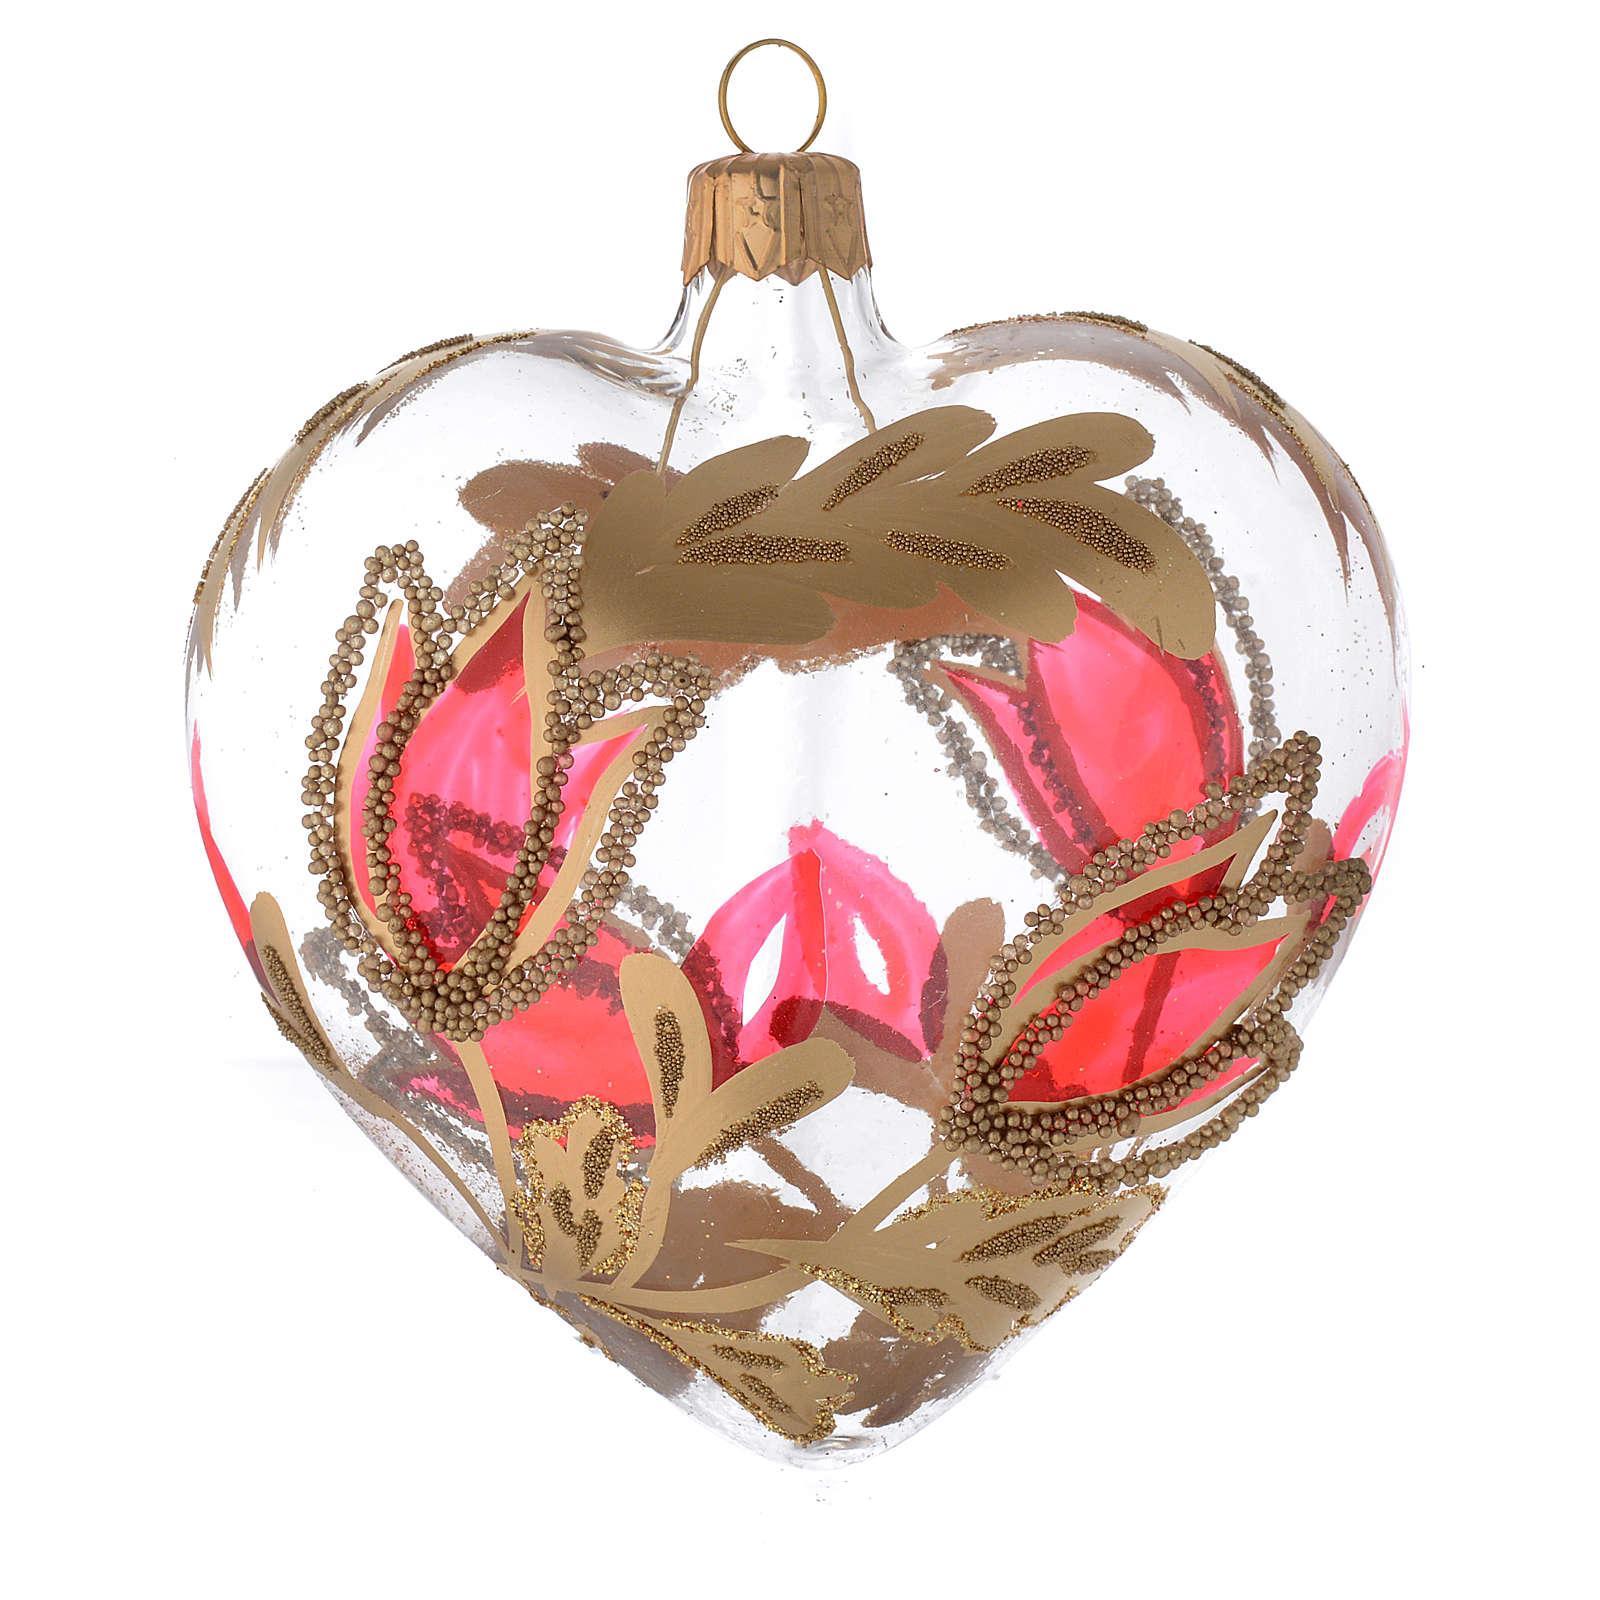 Bola de Navidad corazón de vidrio transparente con decoraciones rojas y oro 100 mm 4